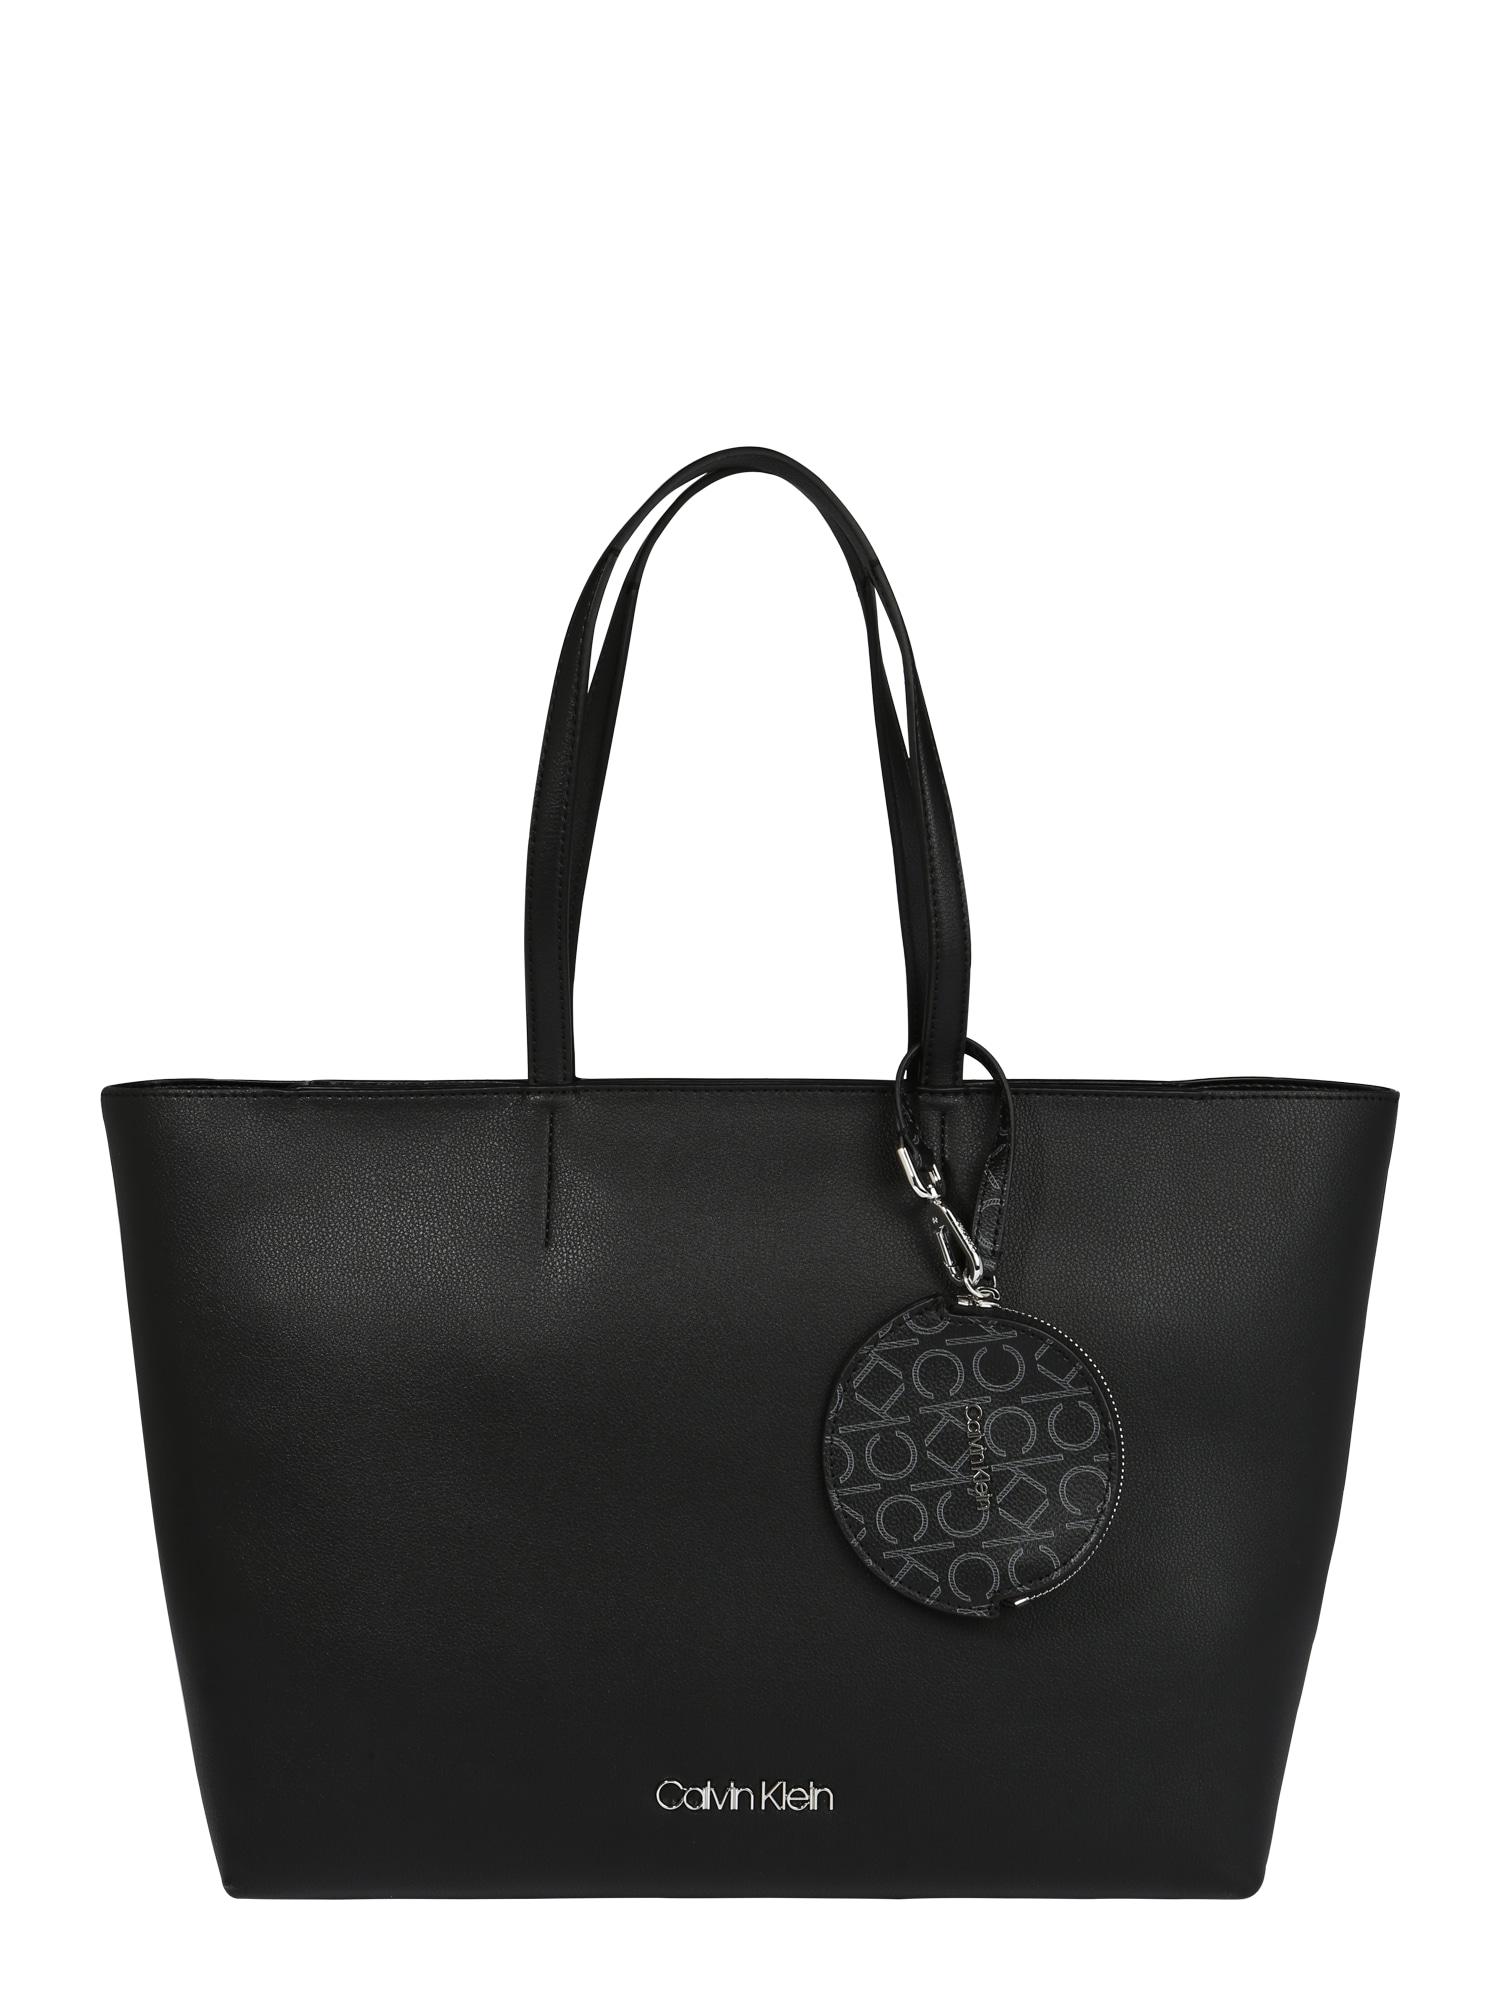 Calvin Klein Pirkinių krepšys juoda